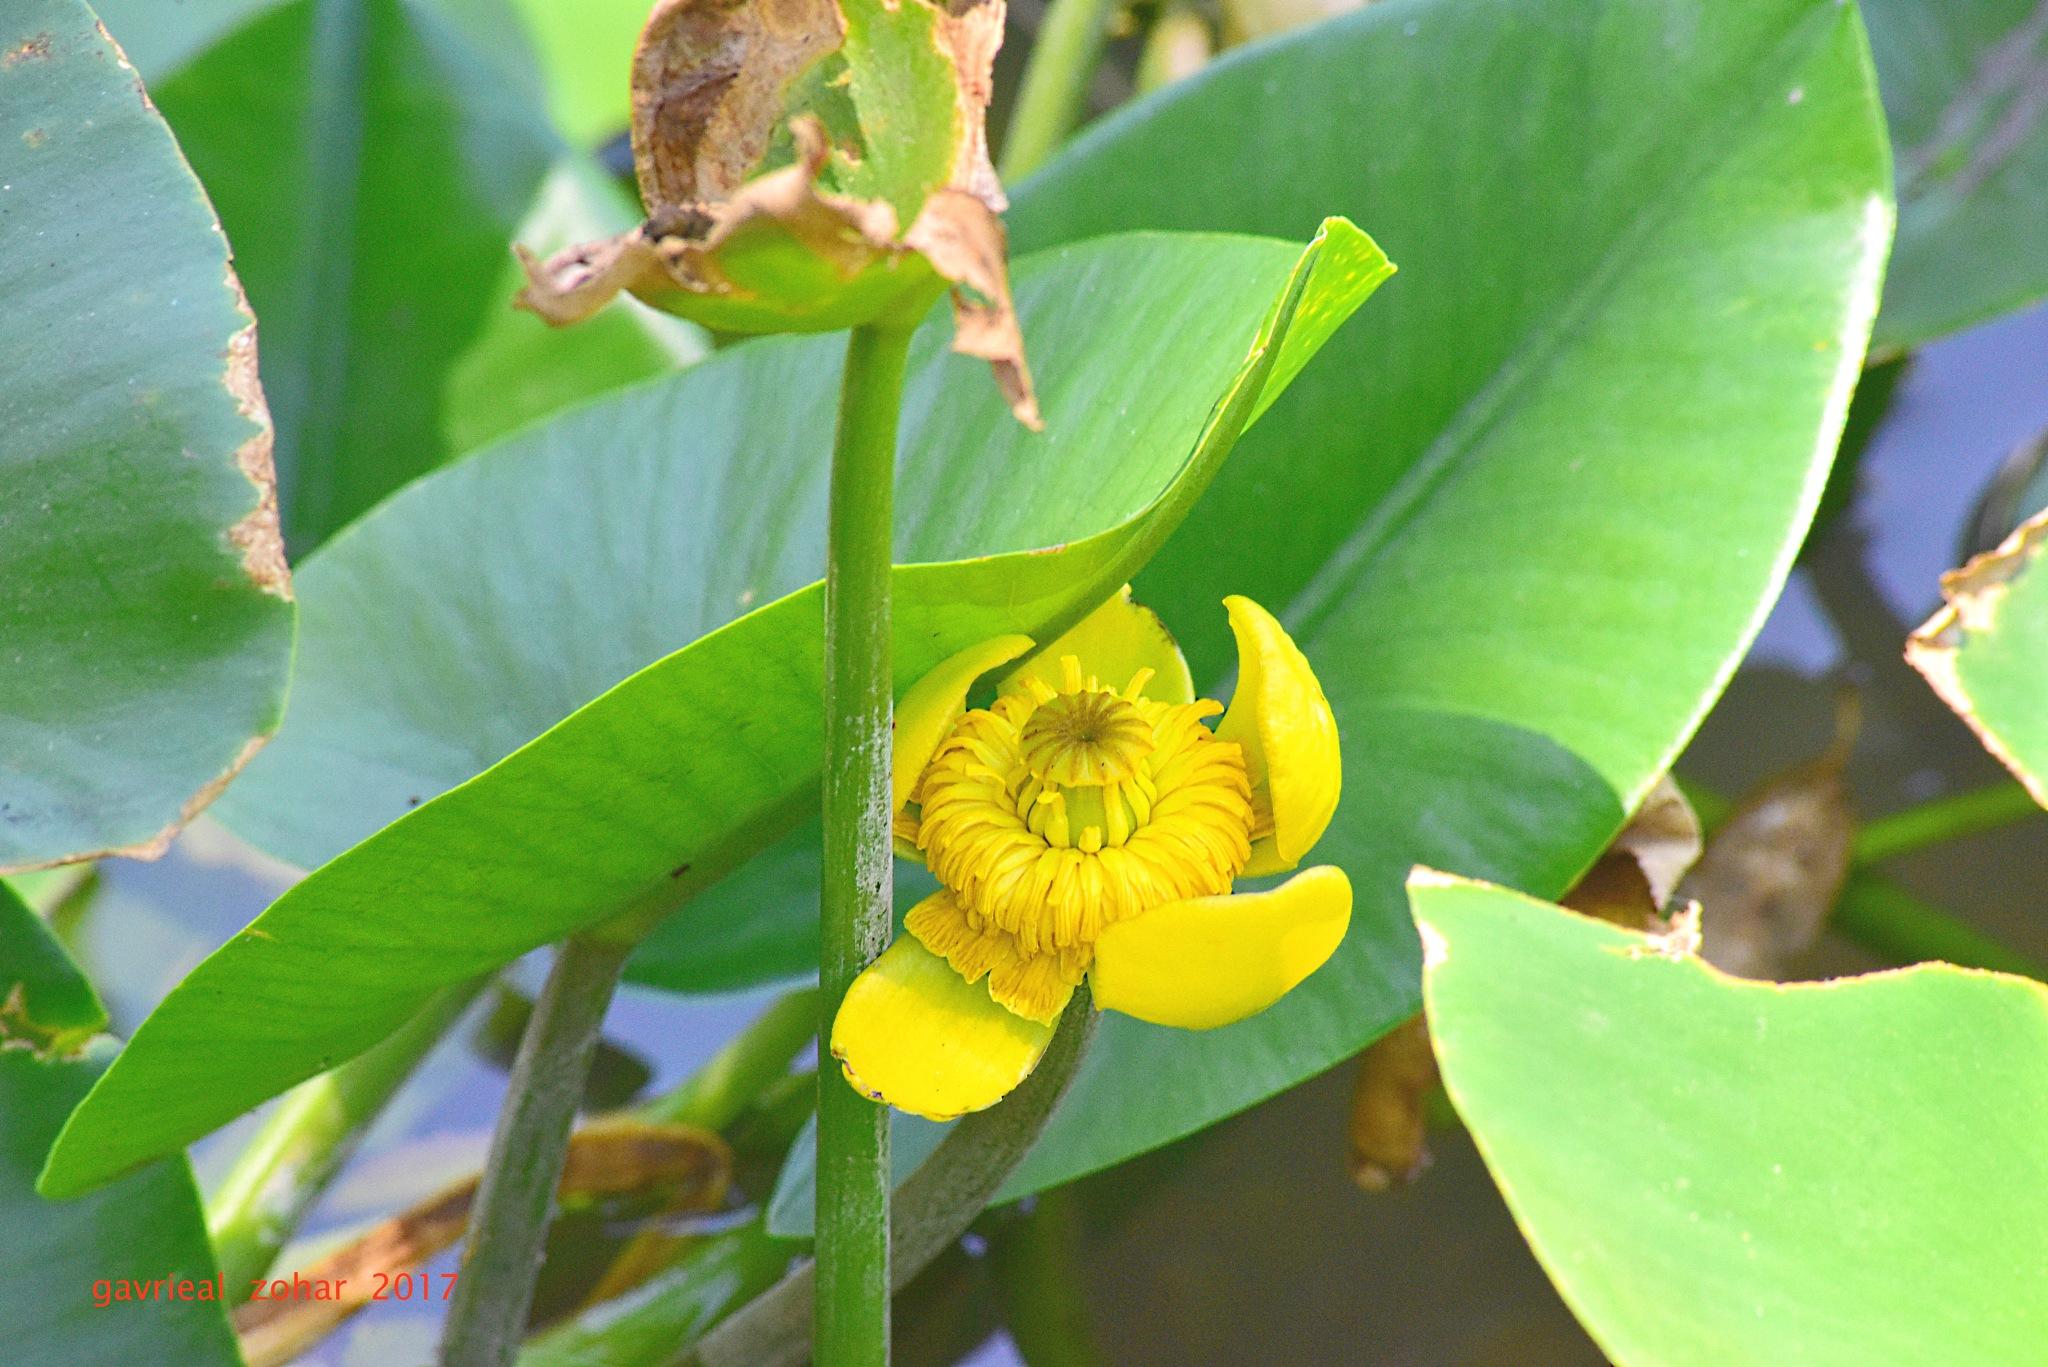 yellow water flower by gavriealzohar